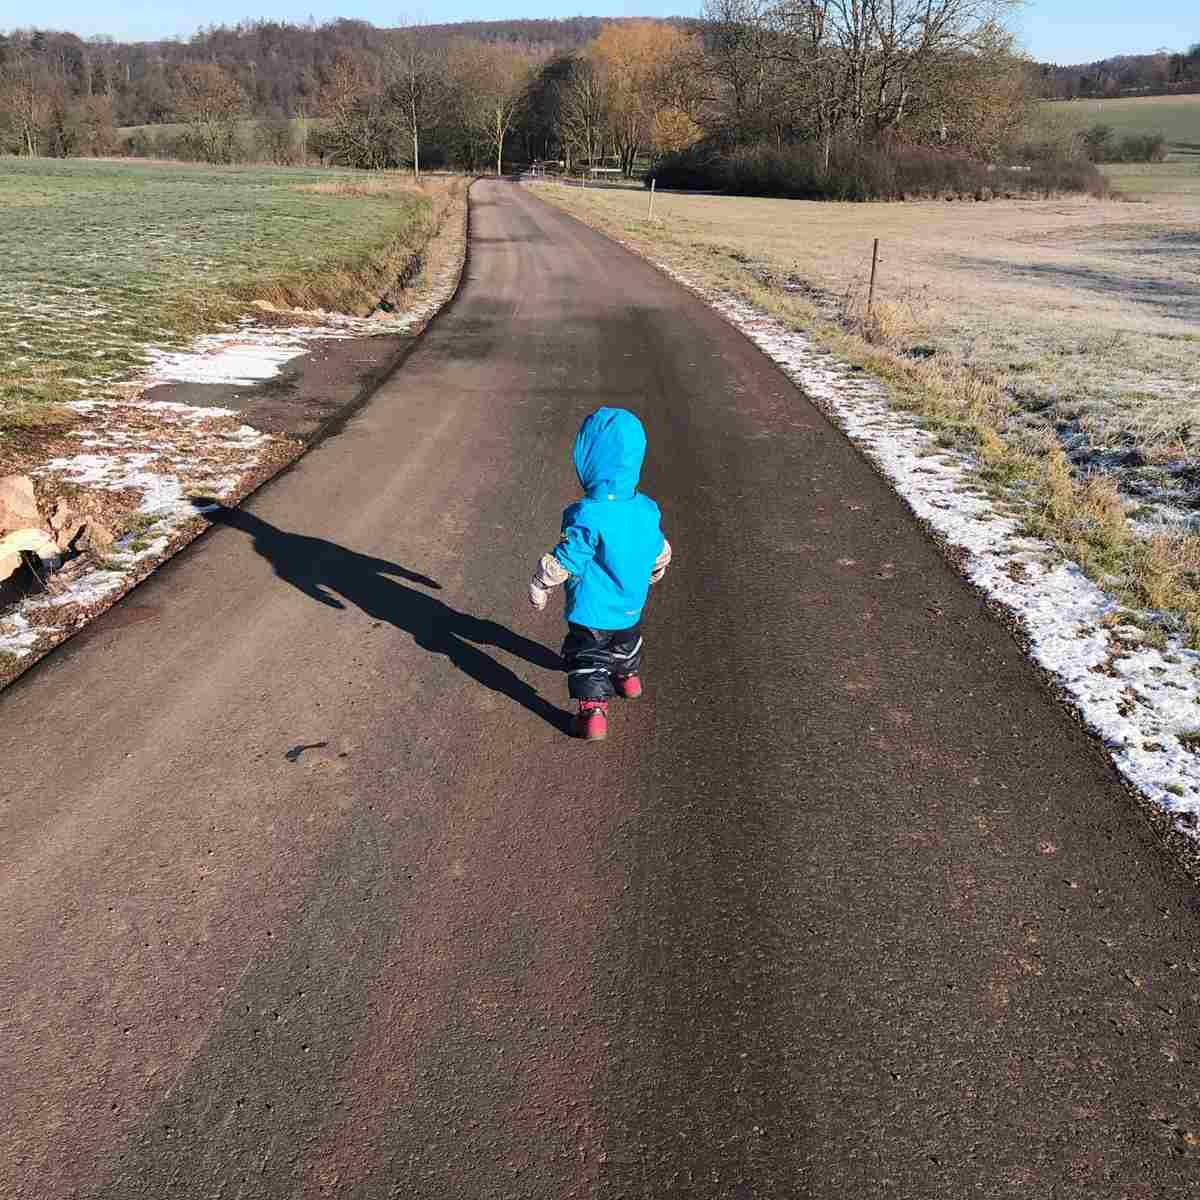 Wochenende in Bildern #WiB 03 2019 – Allein mit einem Kind